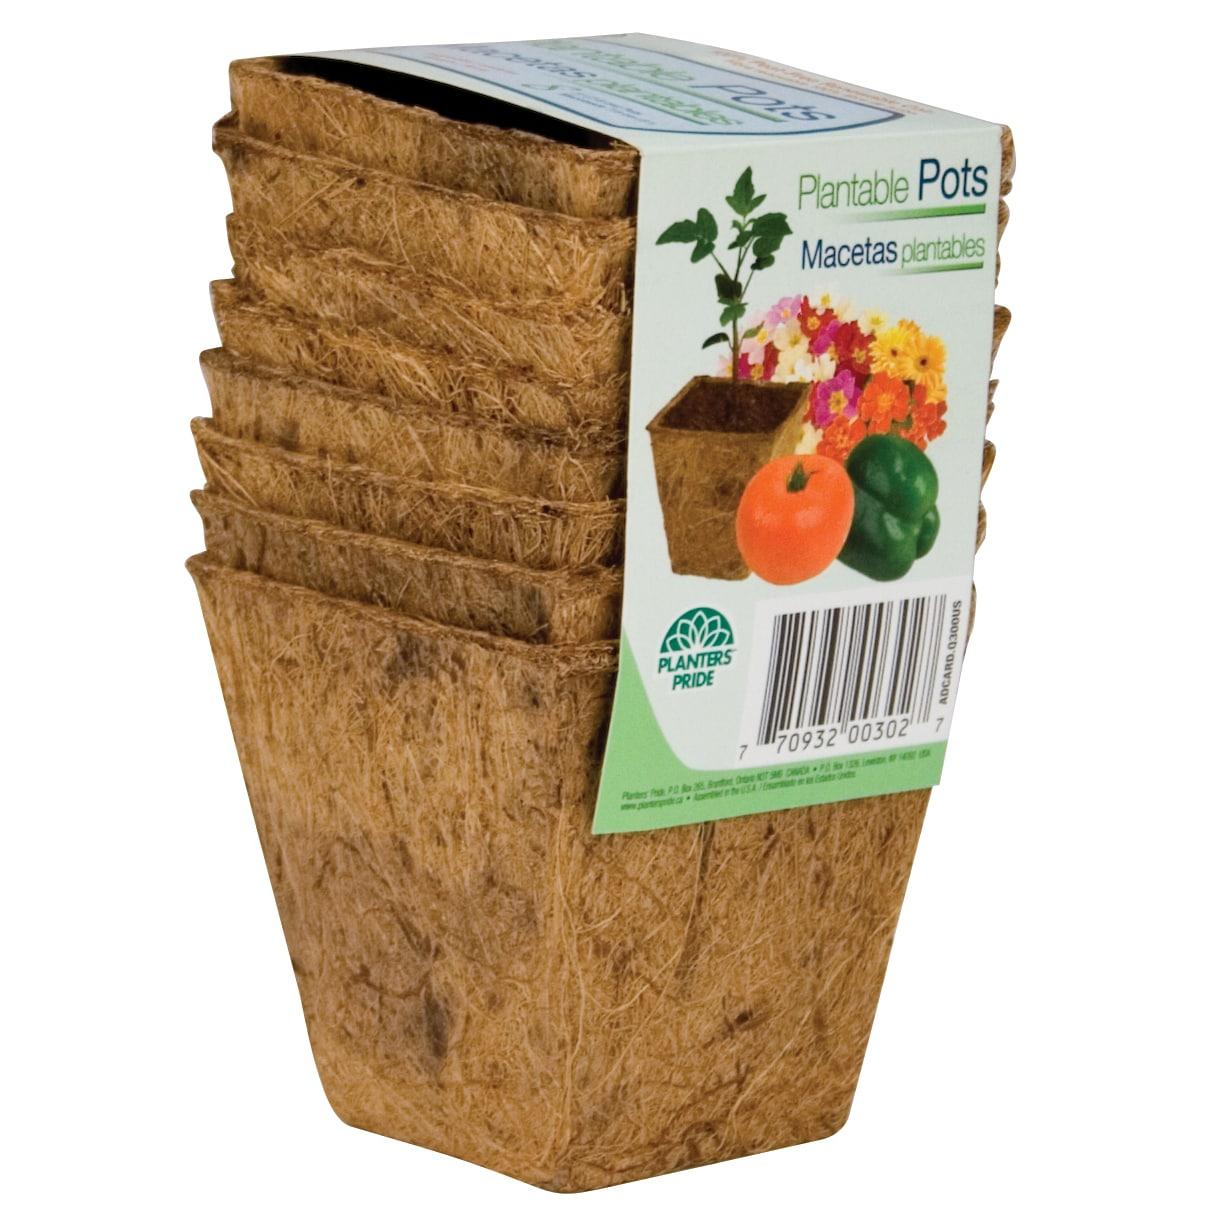 Planters Pride RSQ03000 3-inch Square Fiber Grow Coconut ...